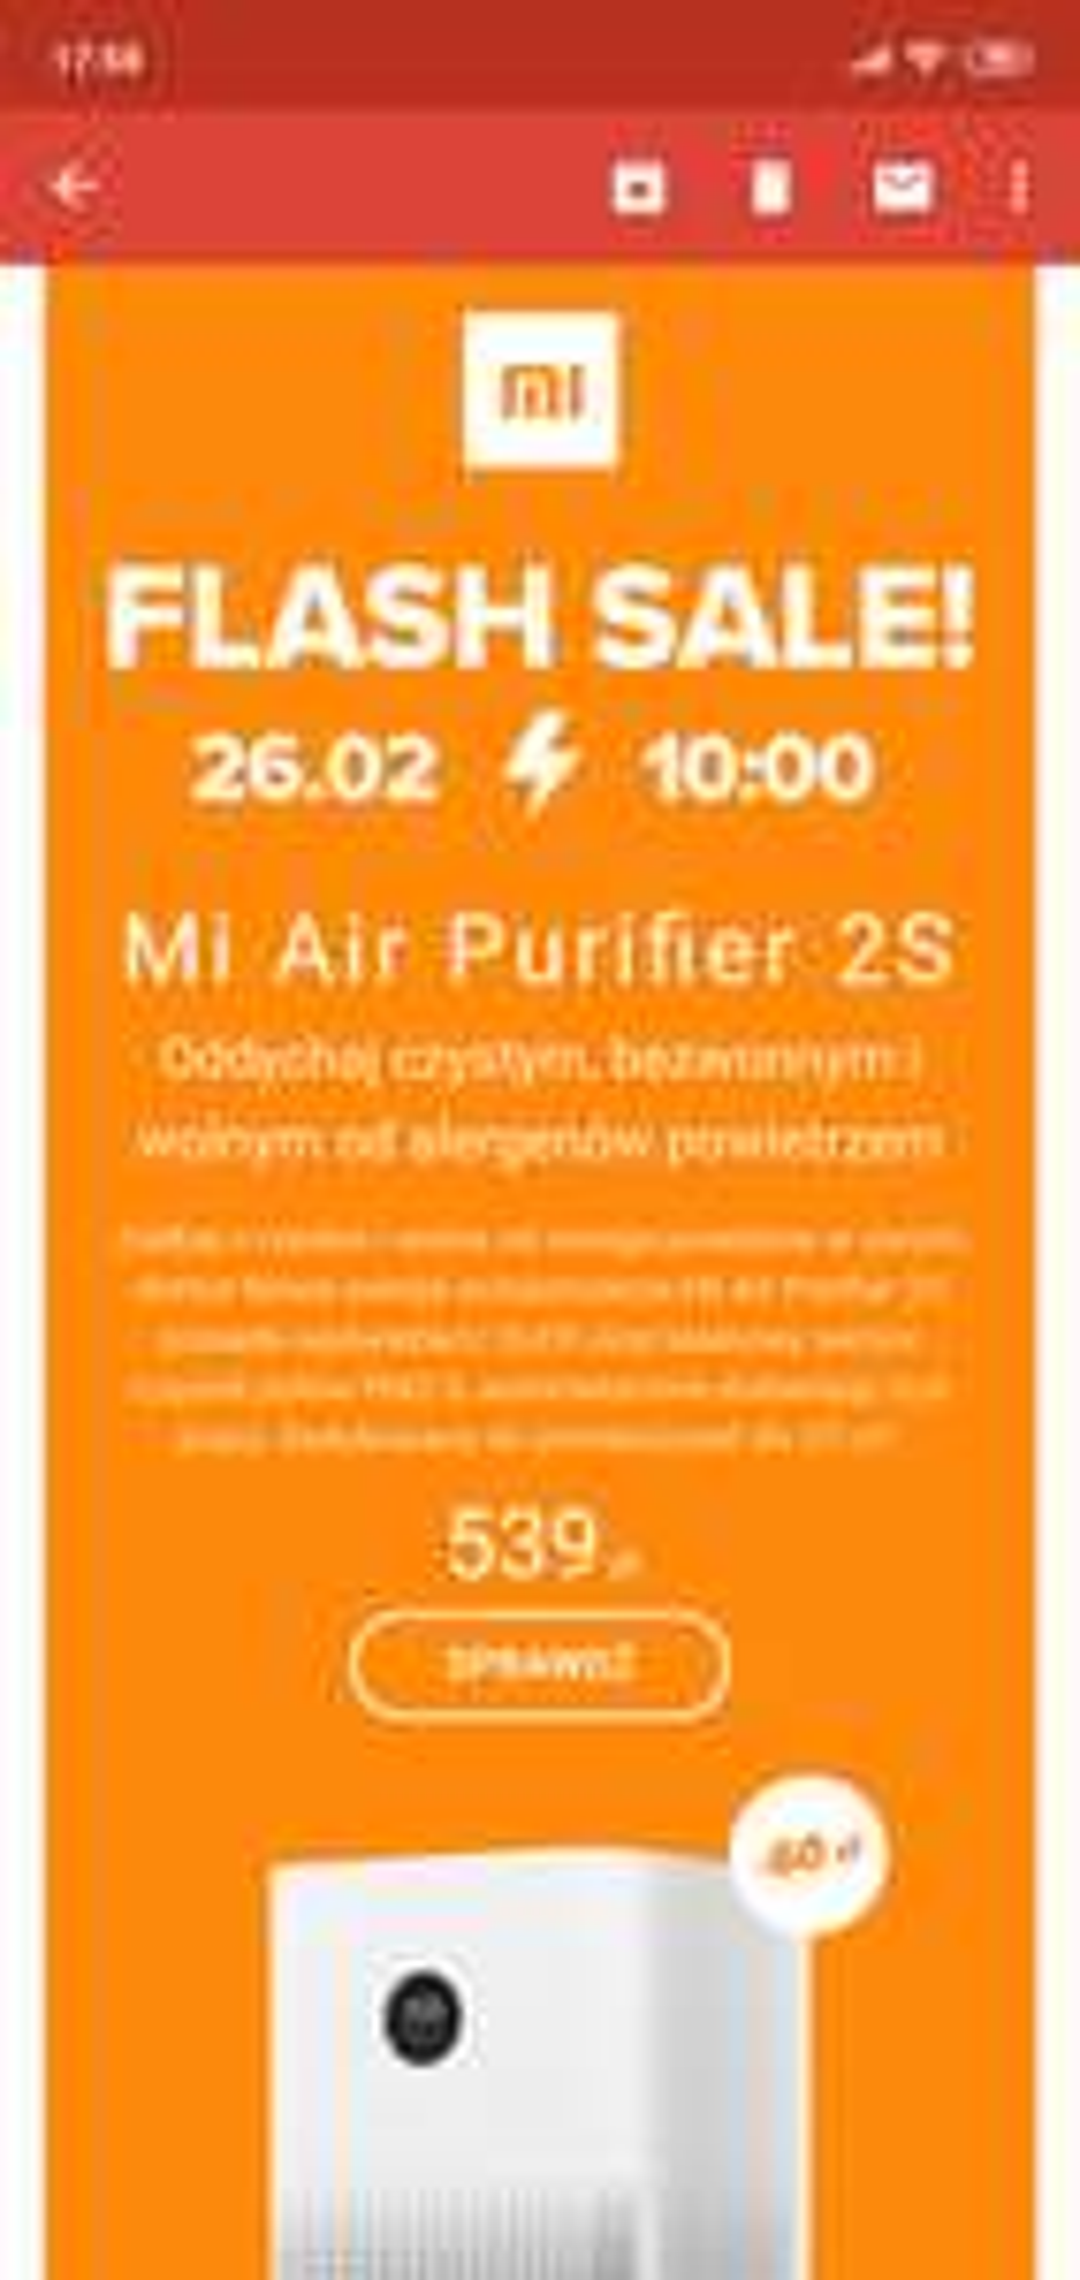 Xiaomi Mi Air Purifier 2s jutro od 10:00 flash sale w sklepie Xiaomi